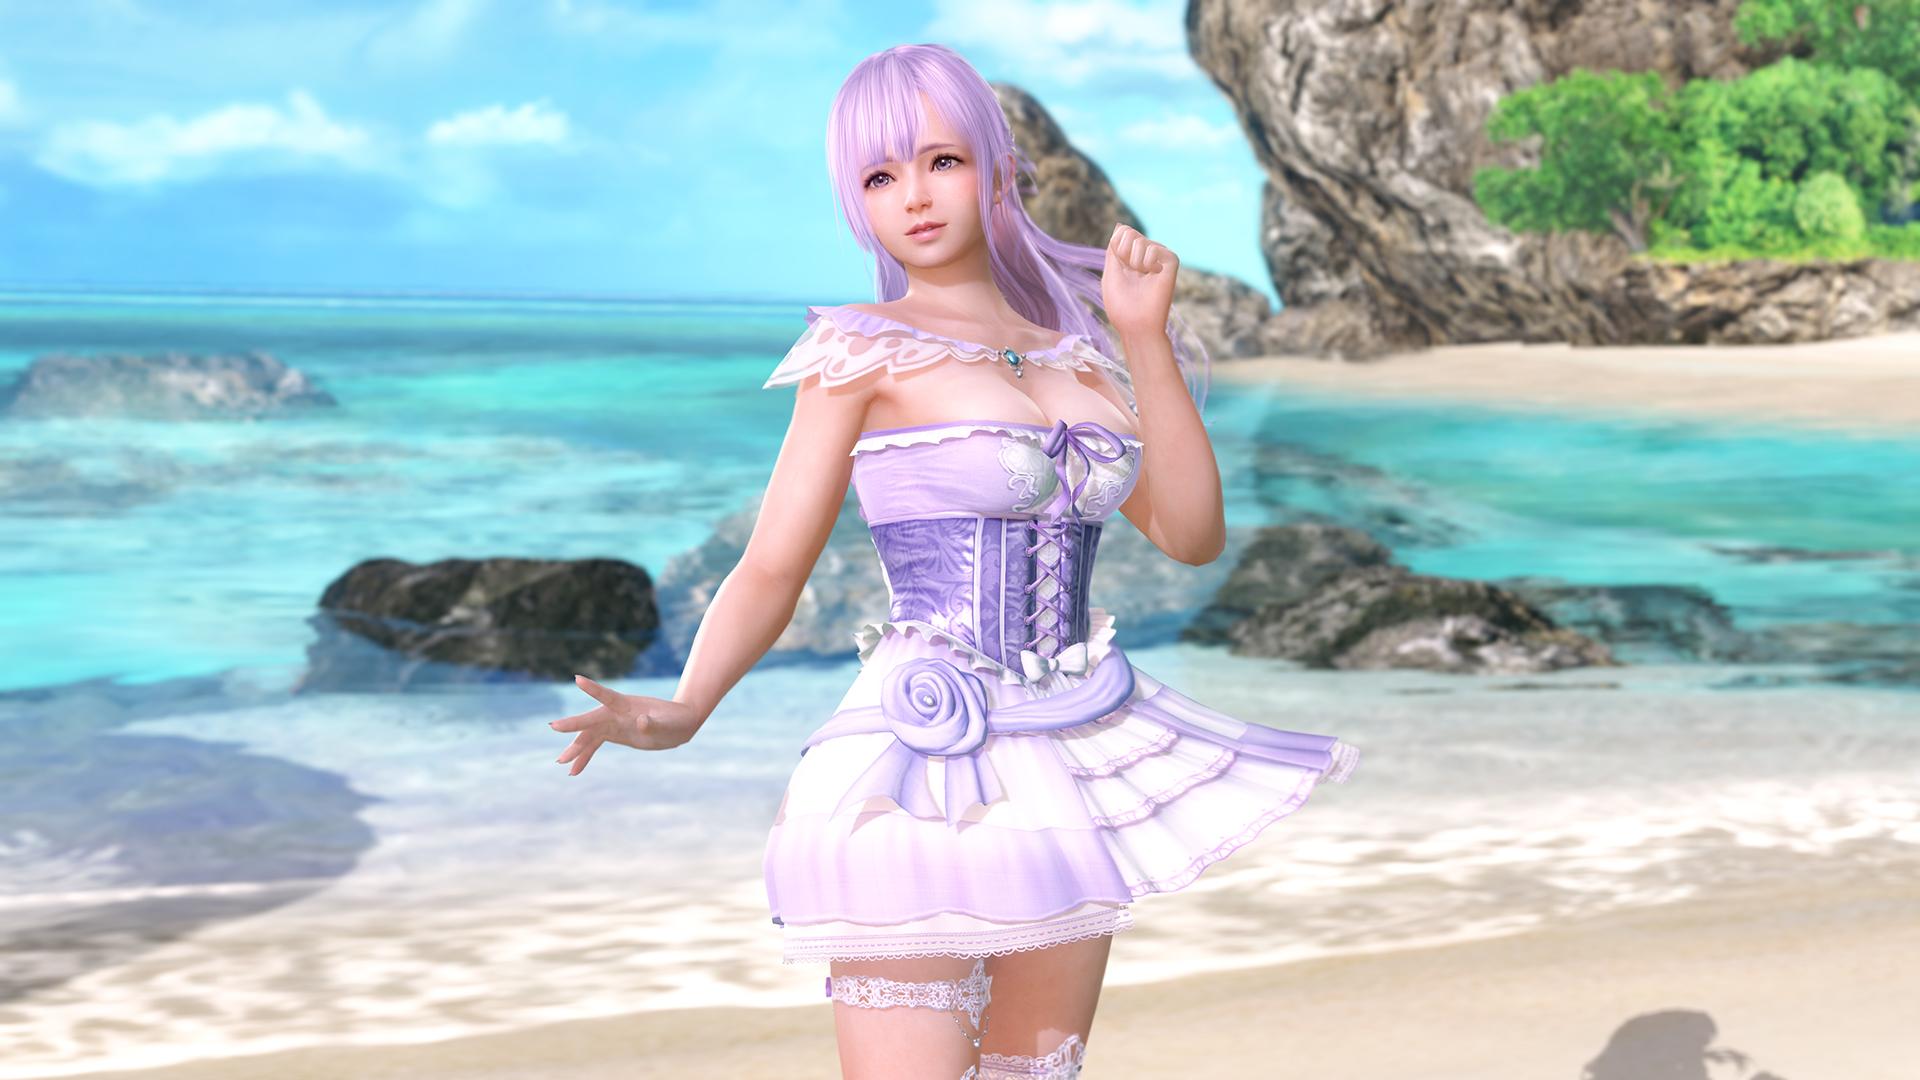 画像集/「DEAD OR ALIVE Xtreme Venus Vacation」の新キャラクター「フィオナ」(CV